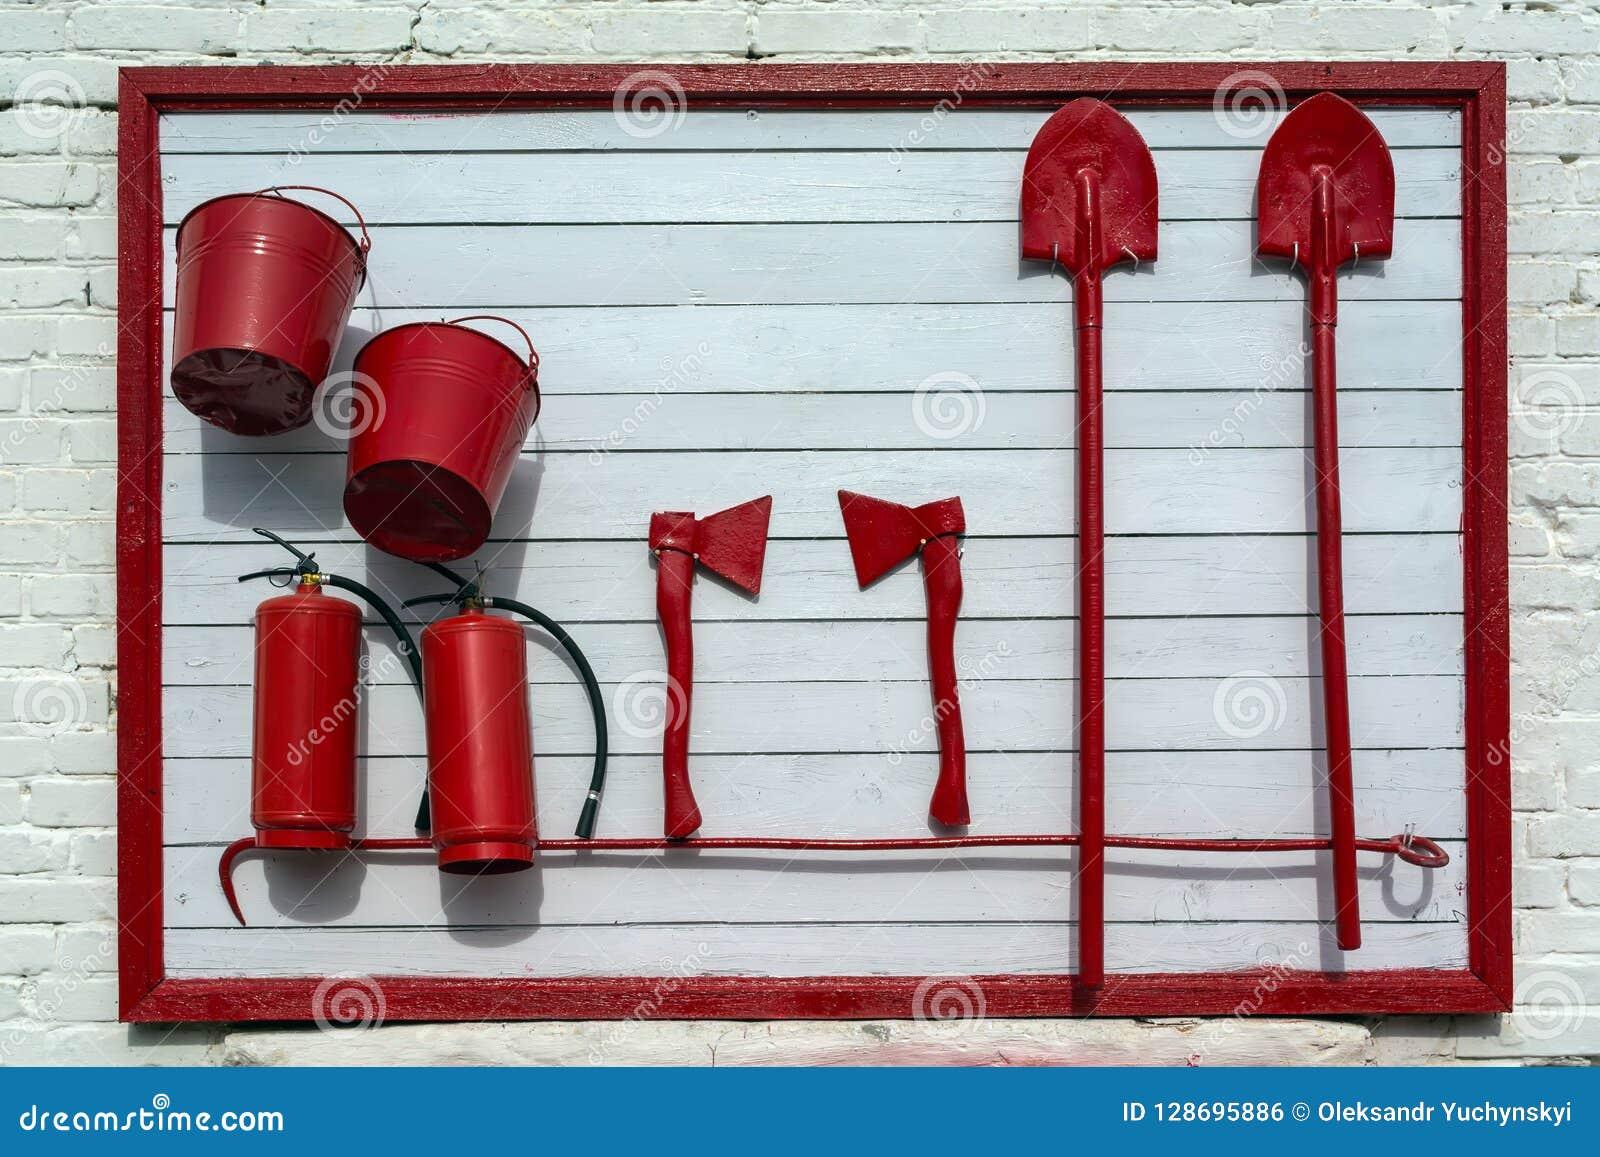 Tenez-vous sur le mur du bâtiment, avec l équipement nécessaire au cas où vous devriez vou éteindre le feu